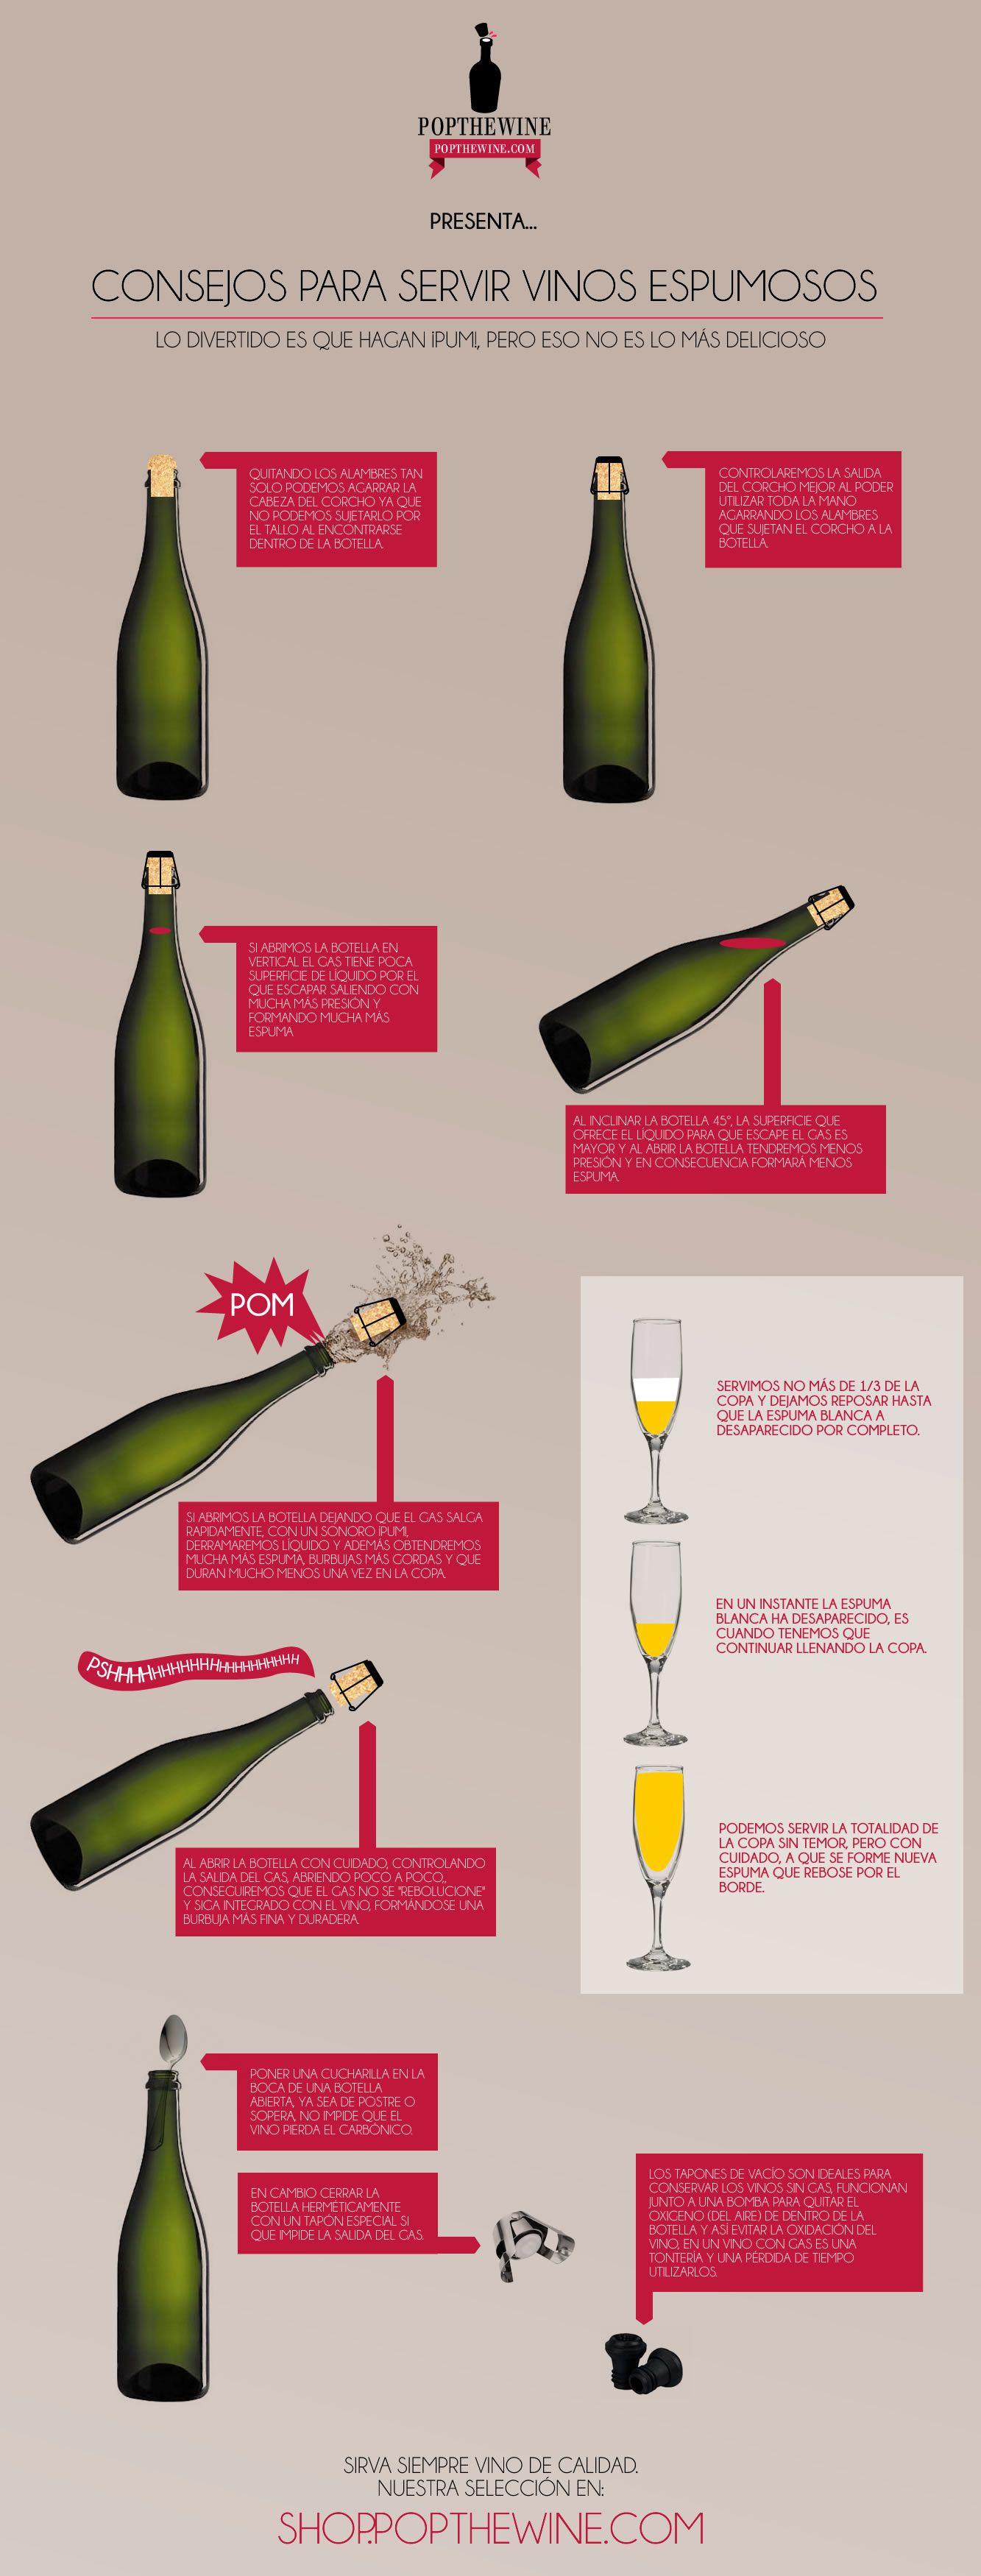 Cuatro consejos para servir correctamente el vino espumoso